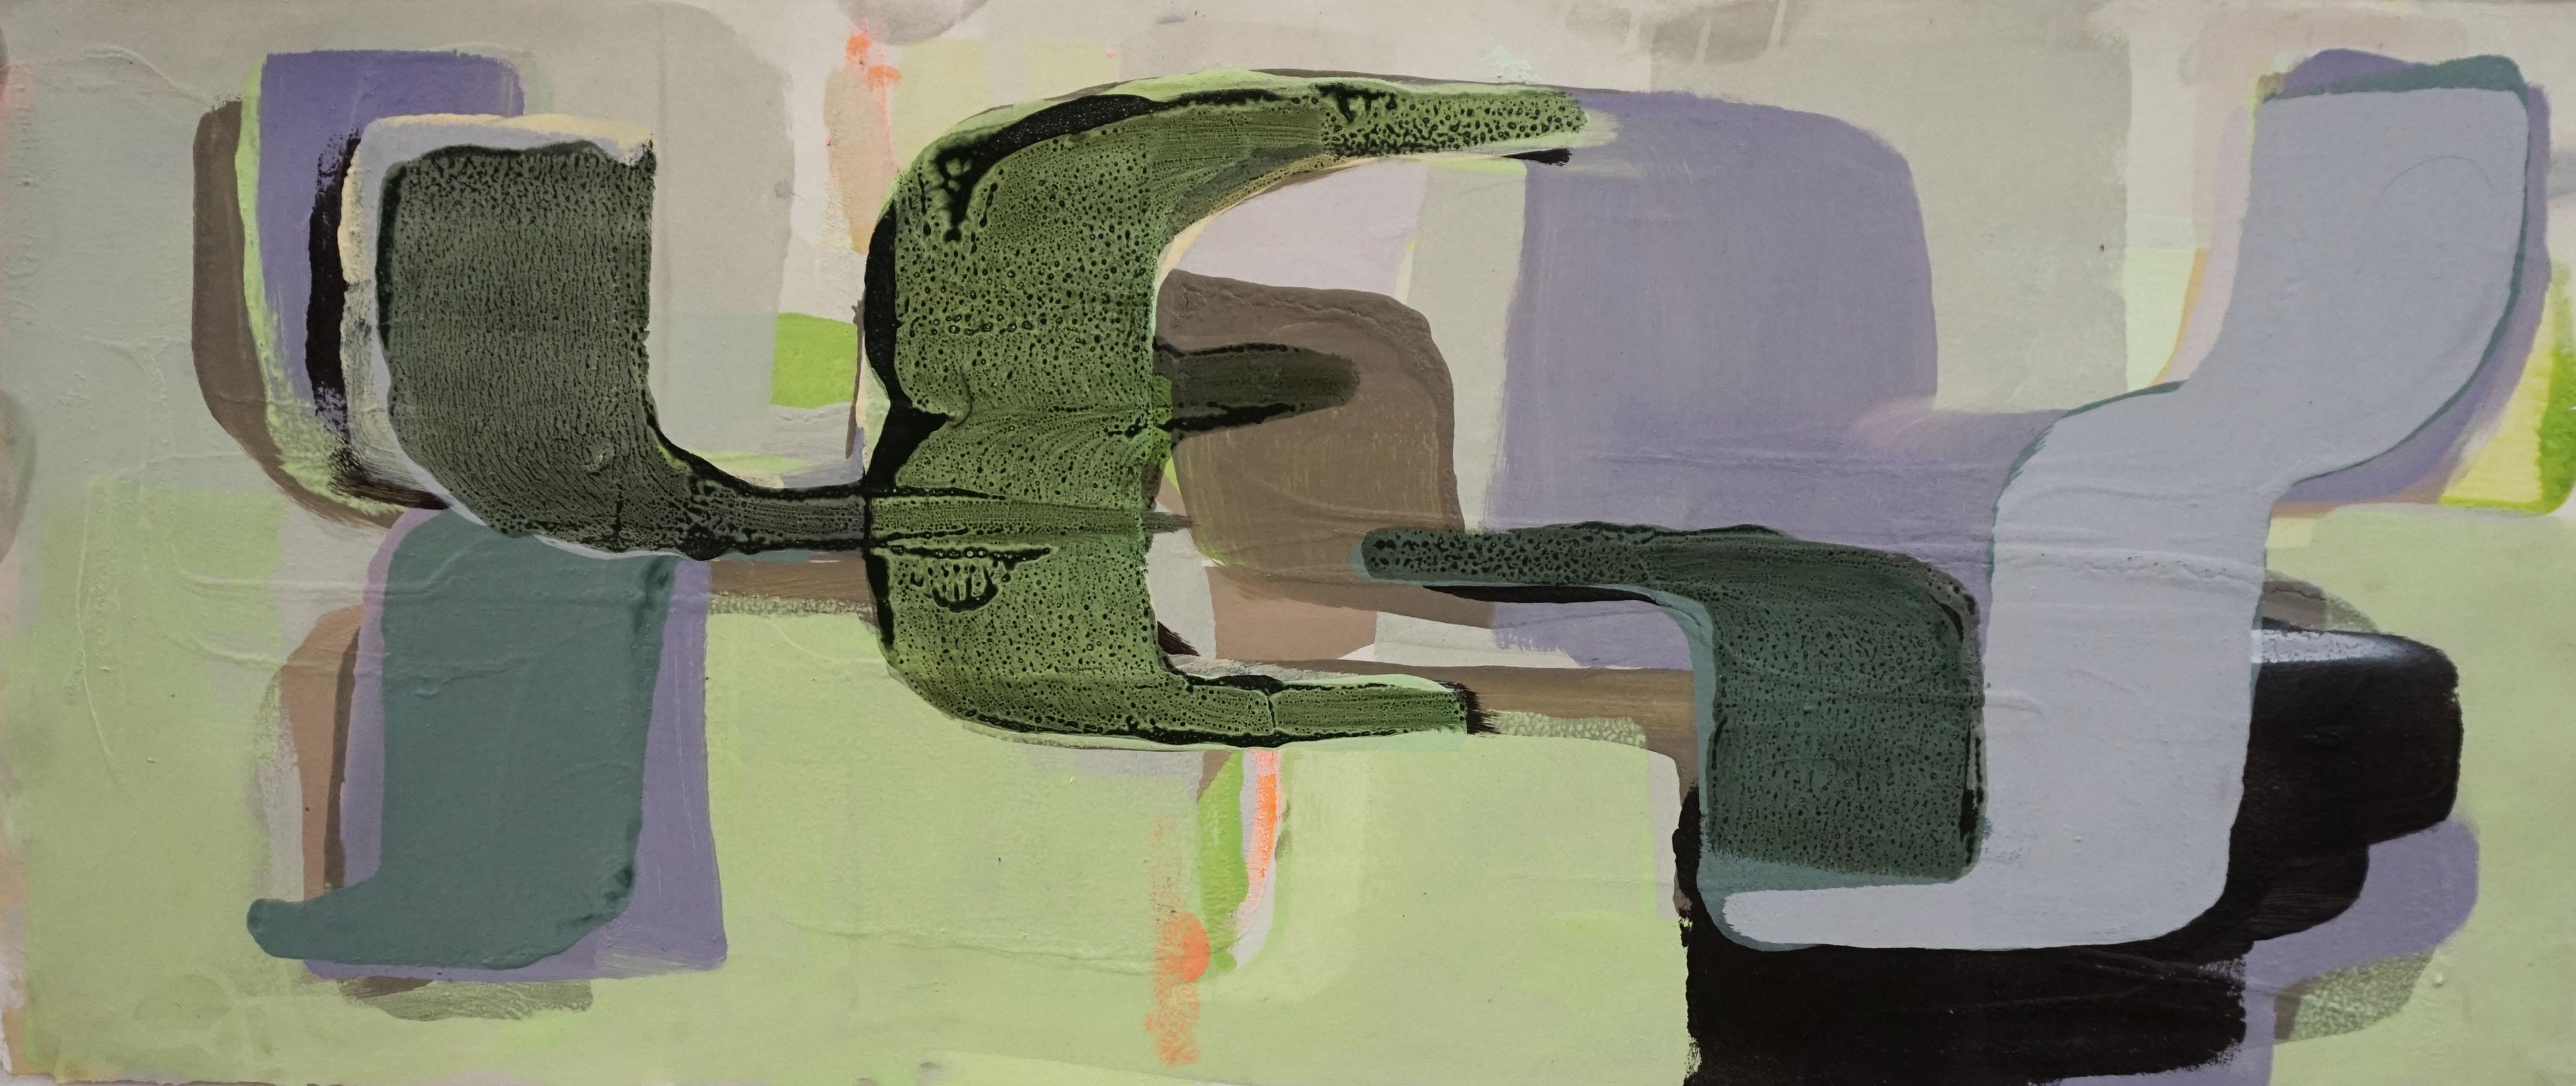 14_Retroscapes XIV_papel_42x100cm